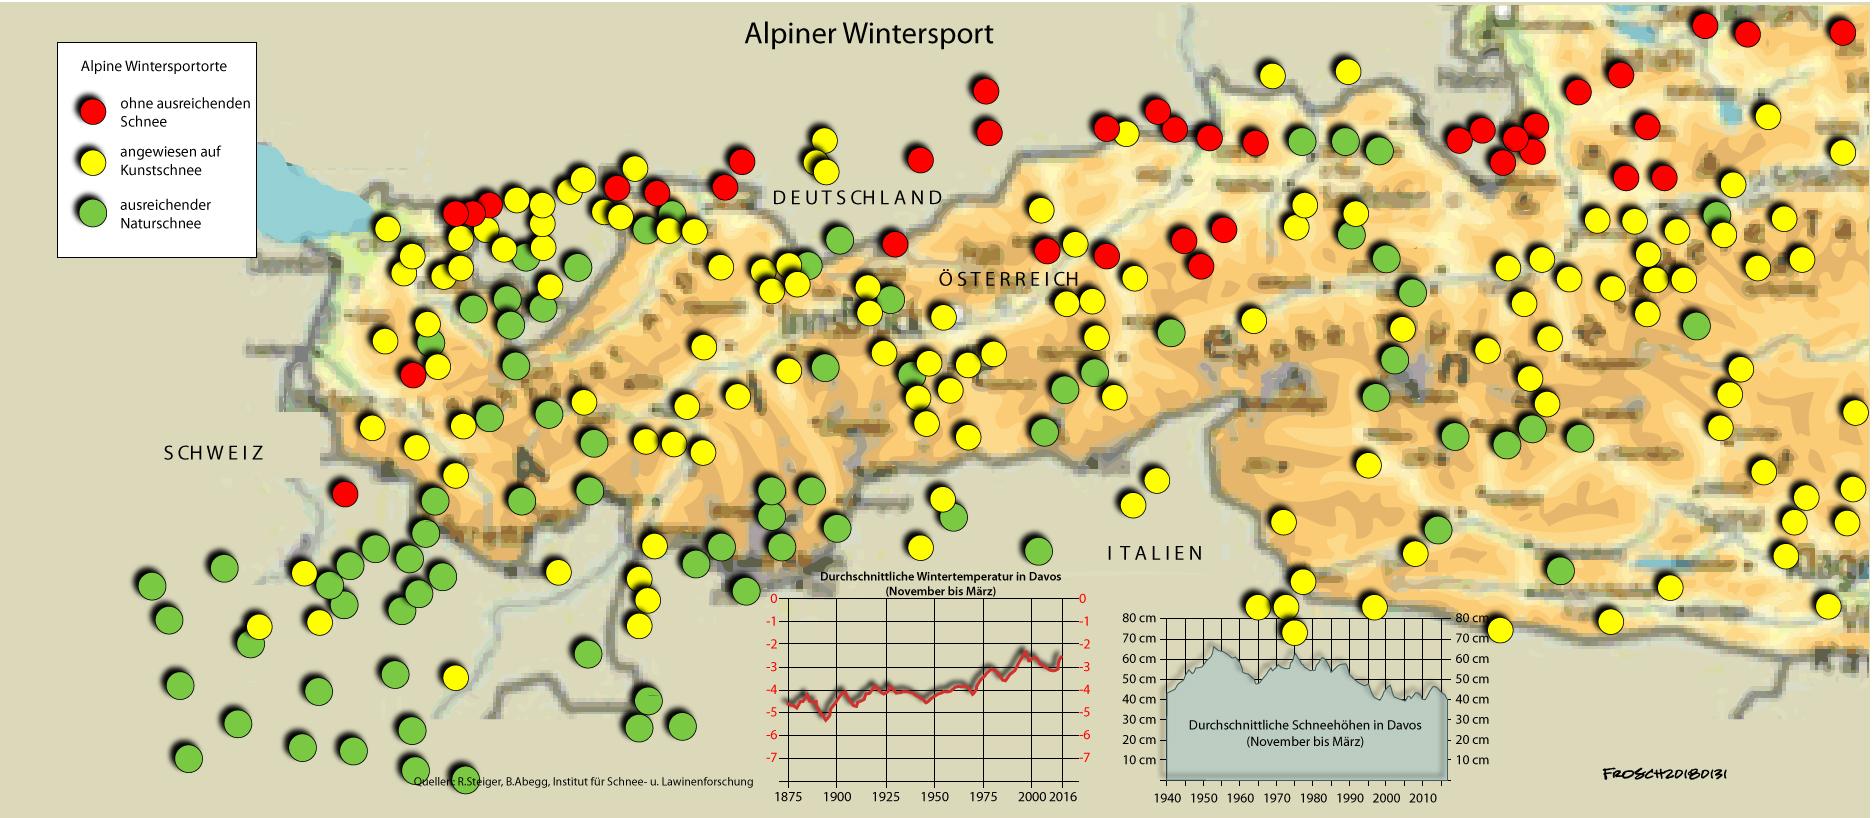 Alpiner Wintersport